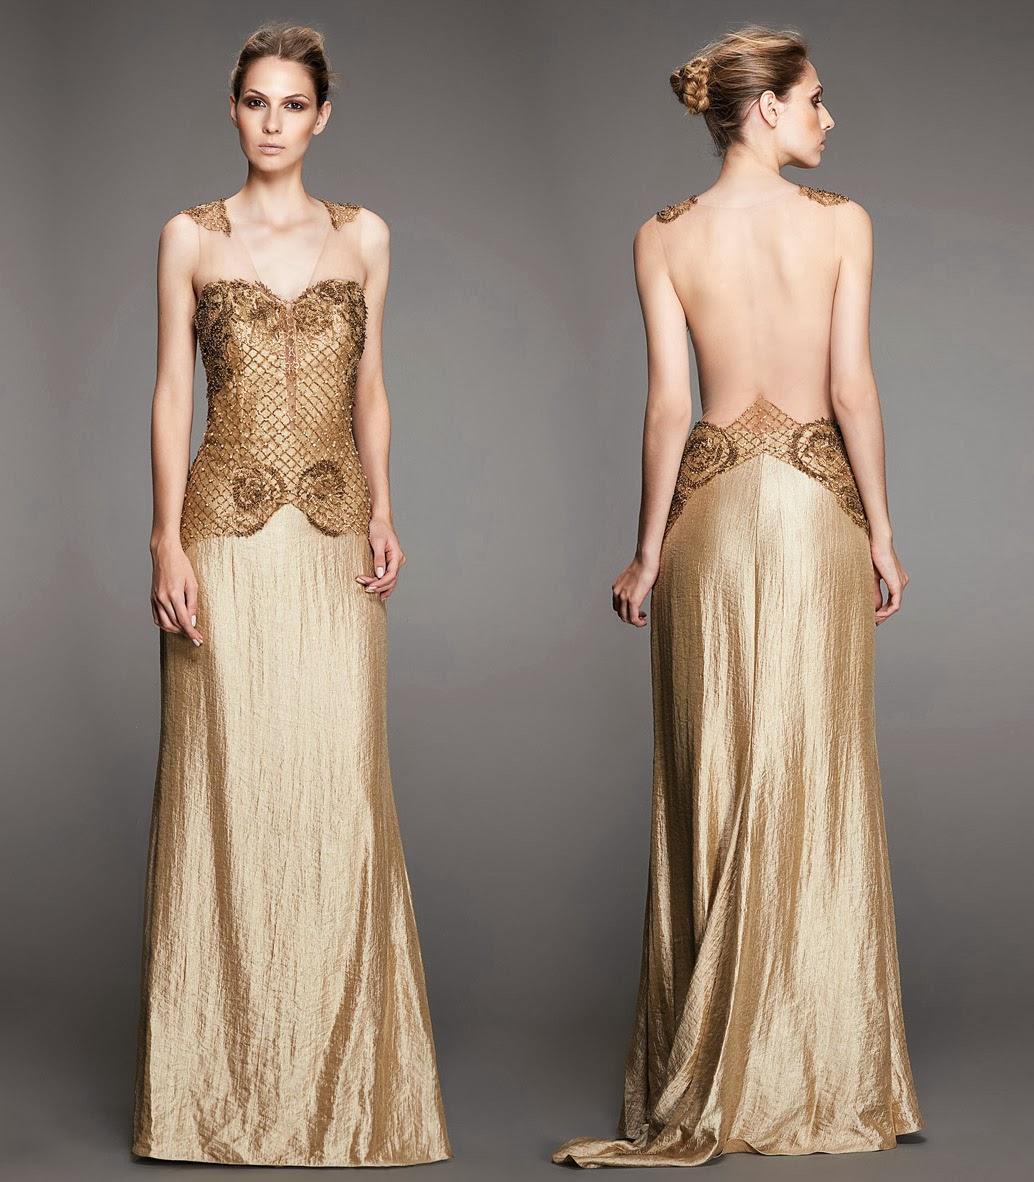 f9120b16a A Zephora Alta Costura exclusivamente, apresenta a super luxuosa coleção  Verão 2014 M.Rodarte! Vestidos de festa maravilhosos para você usar nas  mais ...